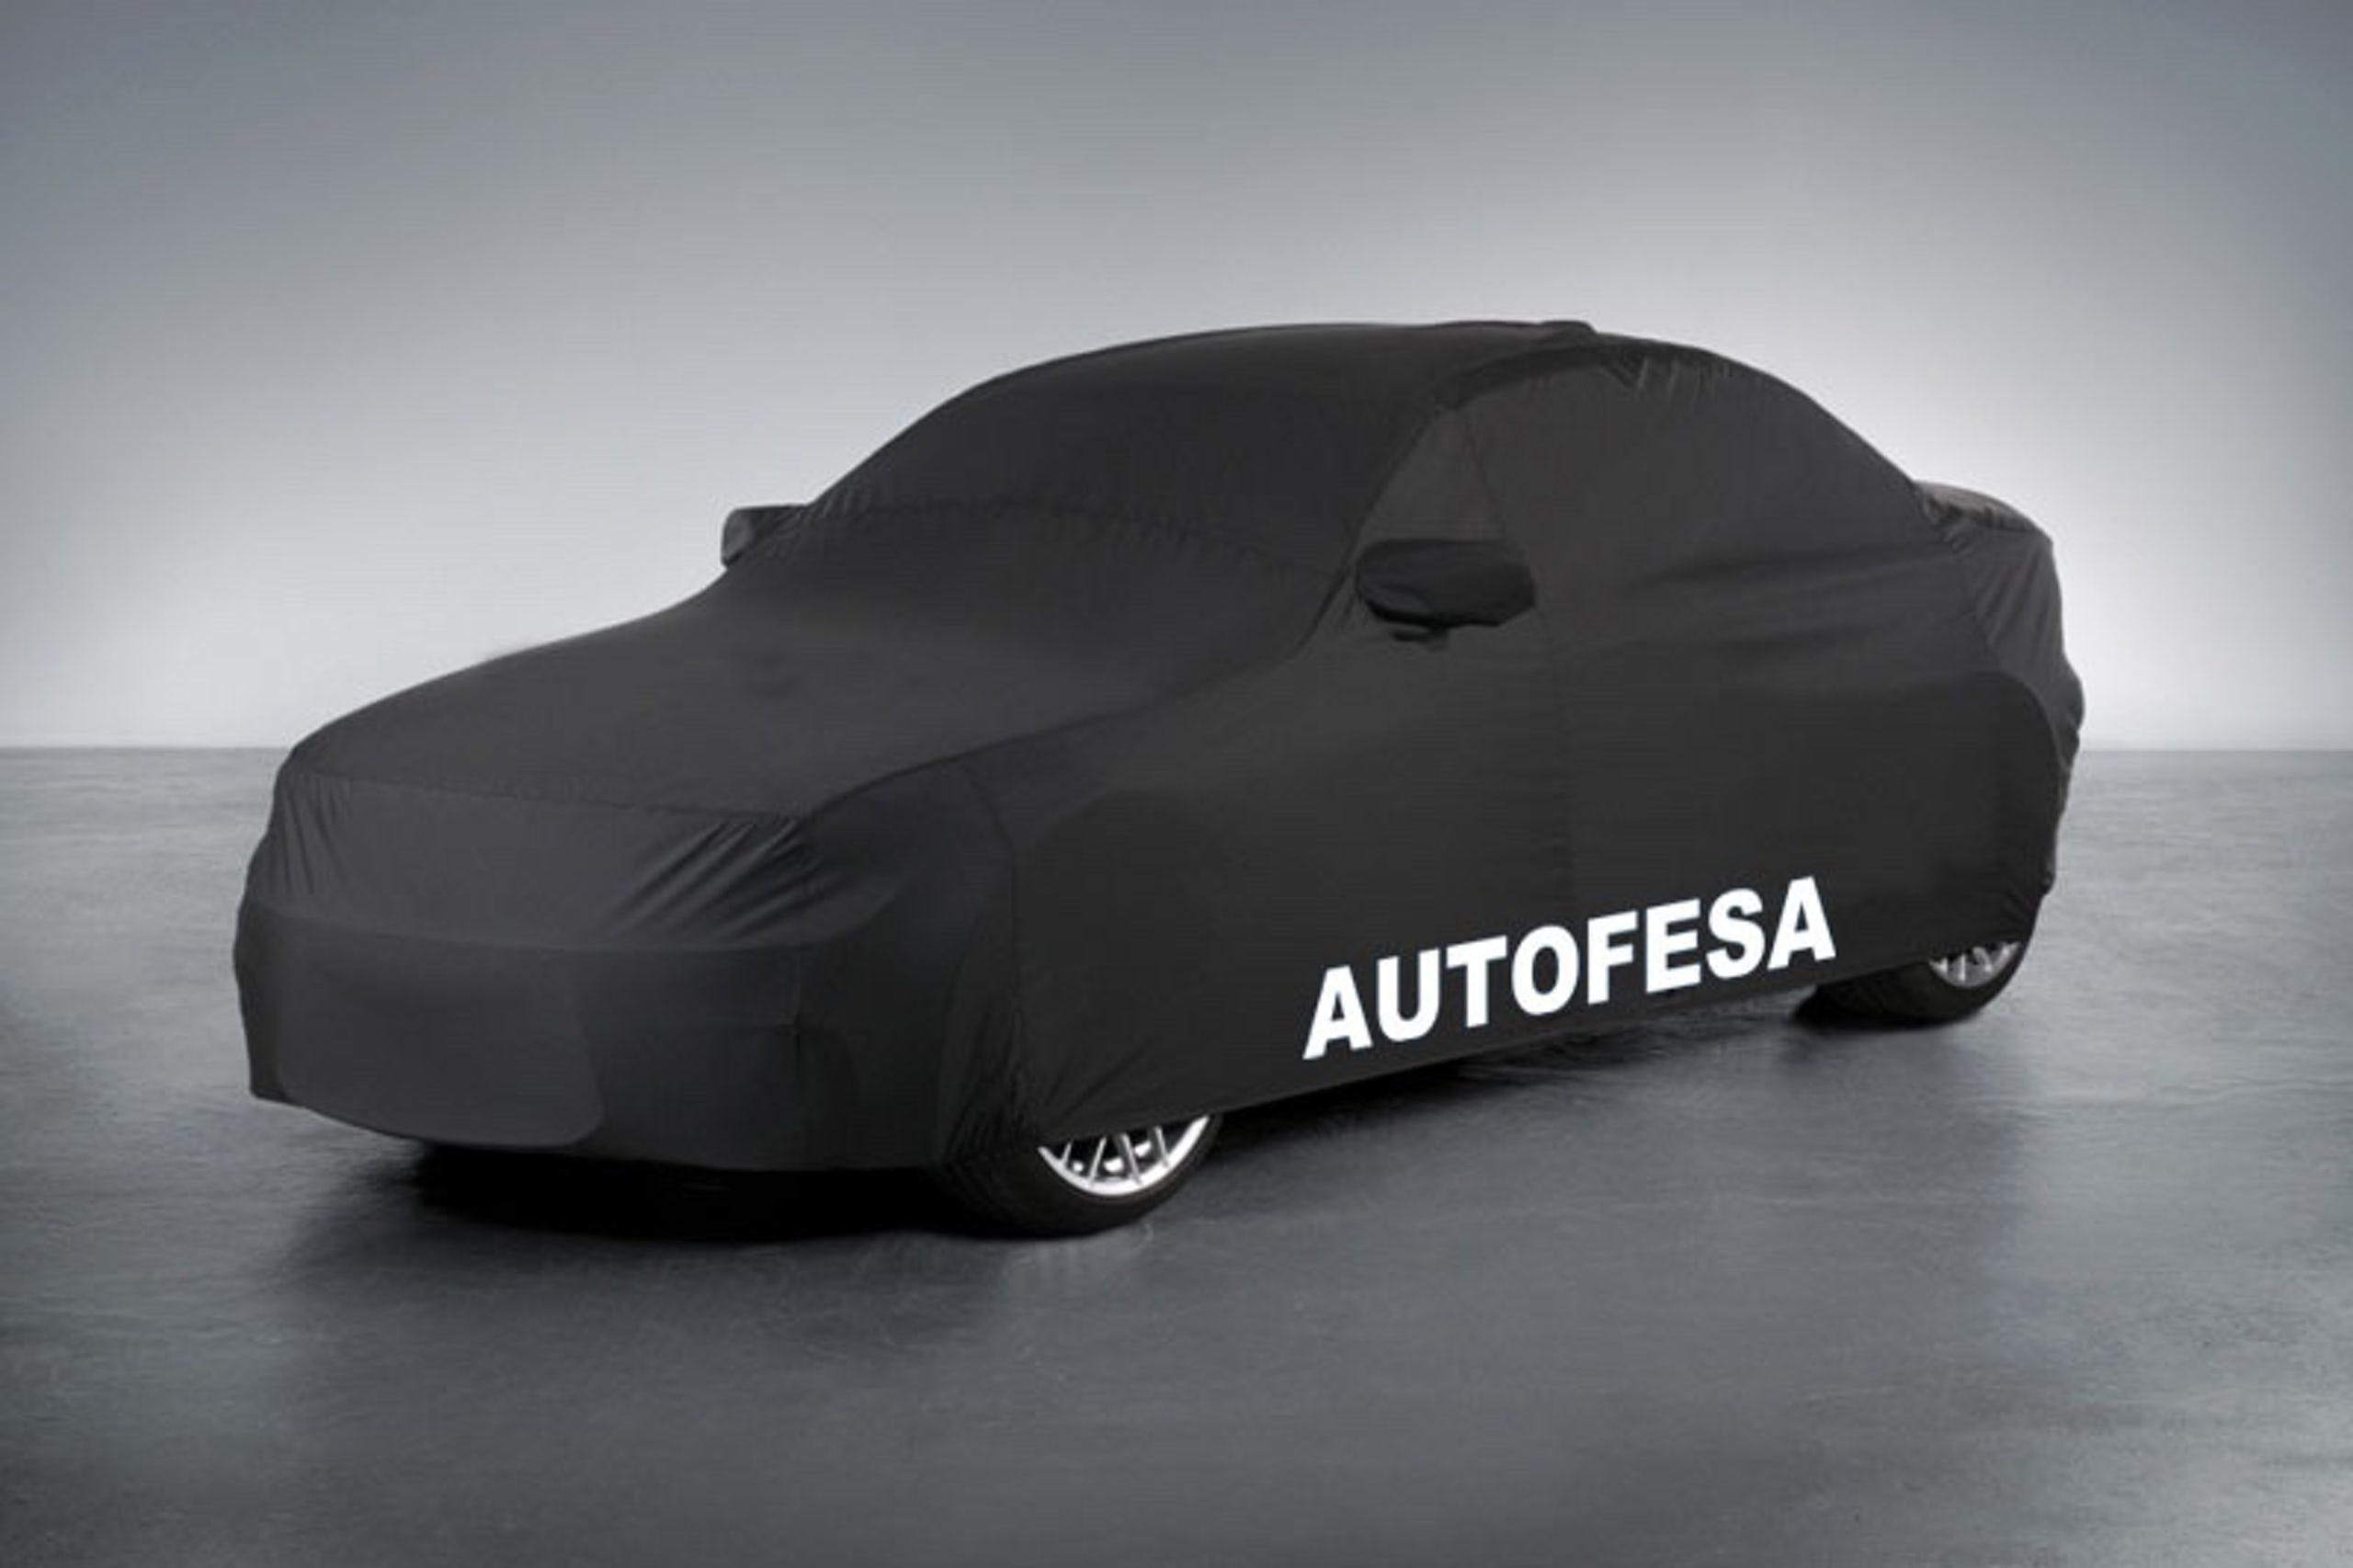 Fotos del Audi A3 1.6 TDI 110cv Adrenalin 3p Exterior 1